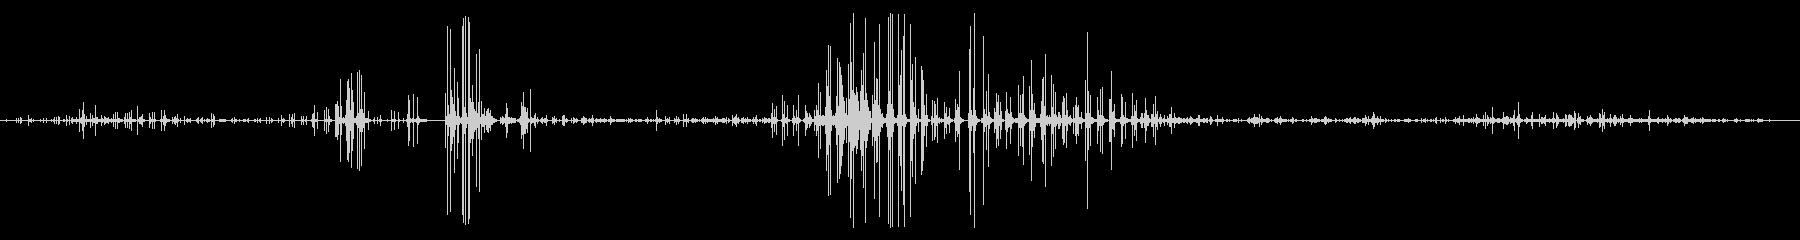 ギャロップ馬の未再生の波形